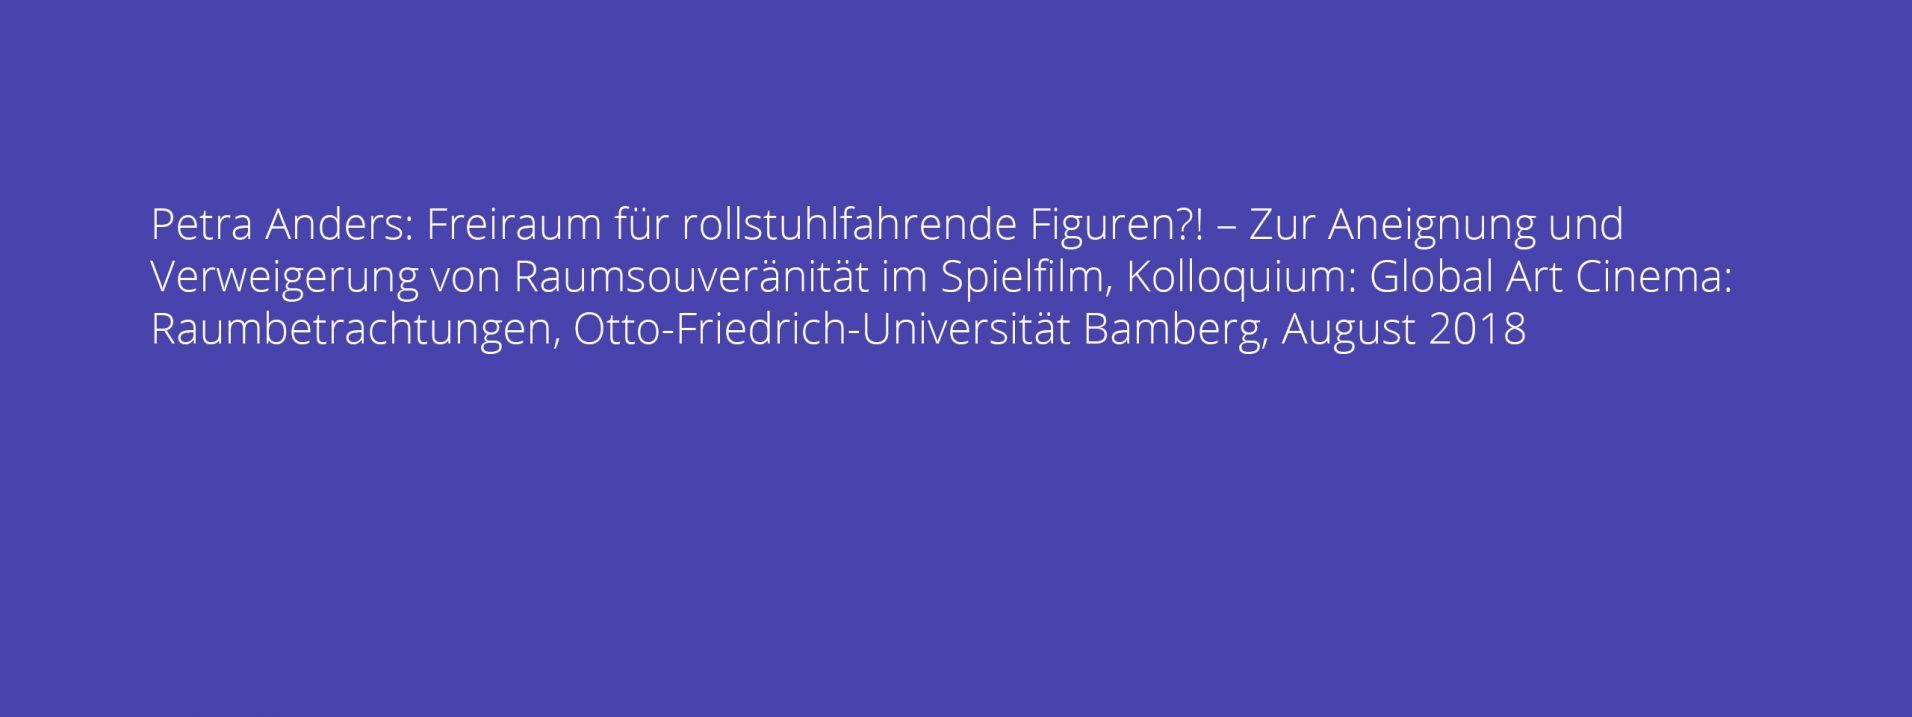 Petra Anders: Freiraum für rollstuhlfahrende Figuren?! – Zur Aneignung und Verweigerung von Raumsouveränität im Spielfilm, Kolloquium: Global Art Cinema: Raumbetrachtungen, Otto-Friedrich-Universität Bamberg, August 2018